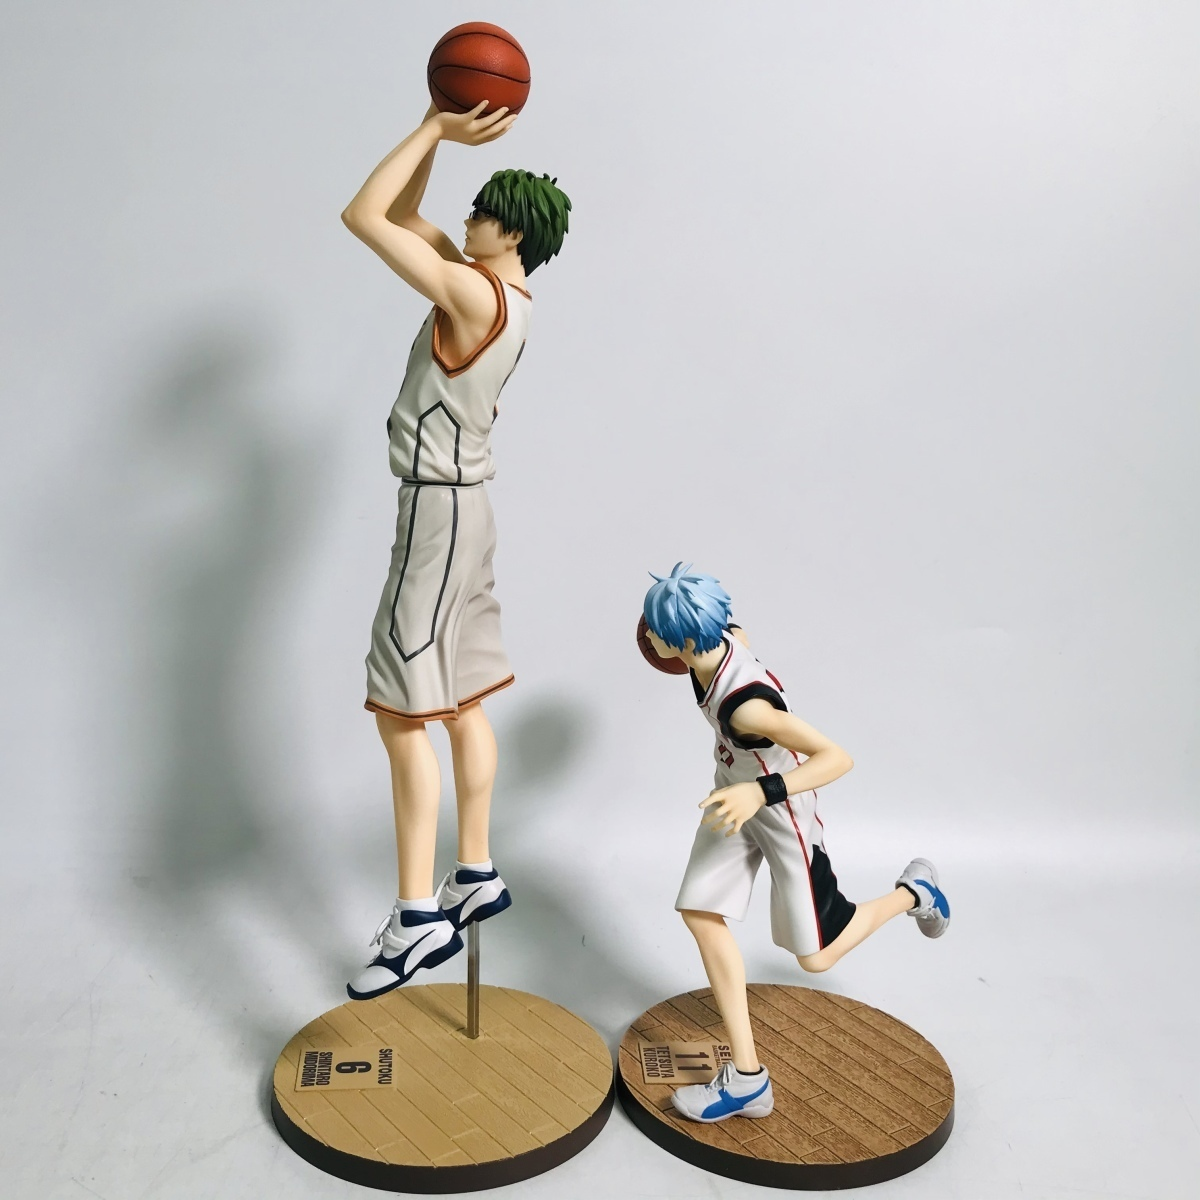 中古品 メガハウス 黒子のバスケ フィギュアシリーズ 黒子テツヤ 緑間真太郎 セット_画像5